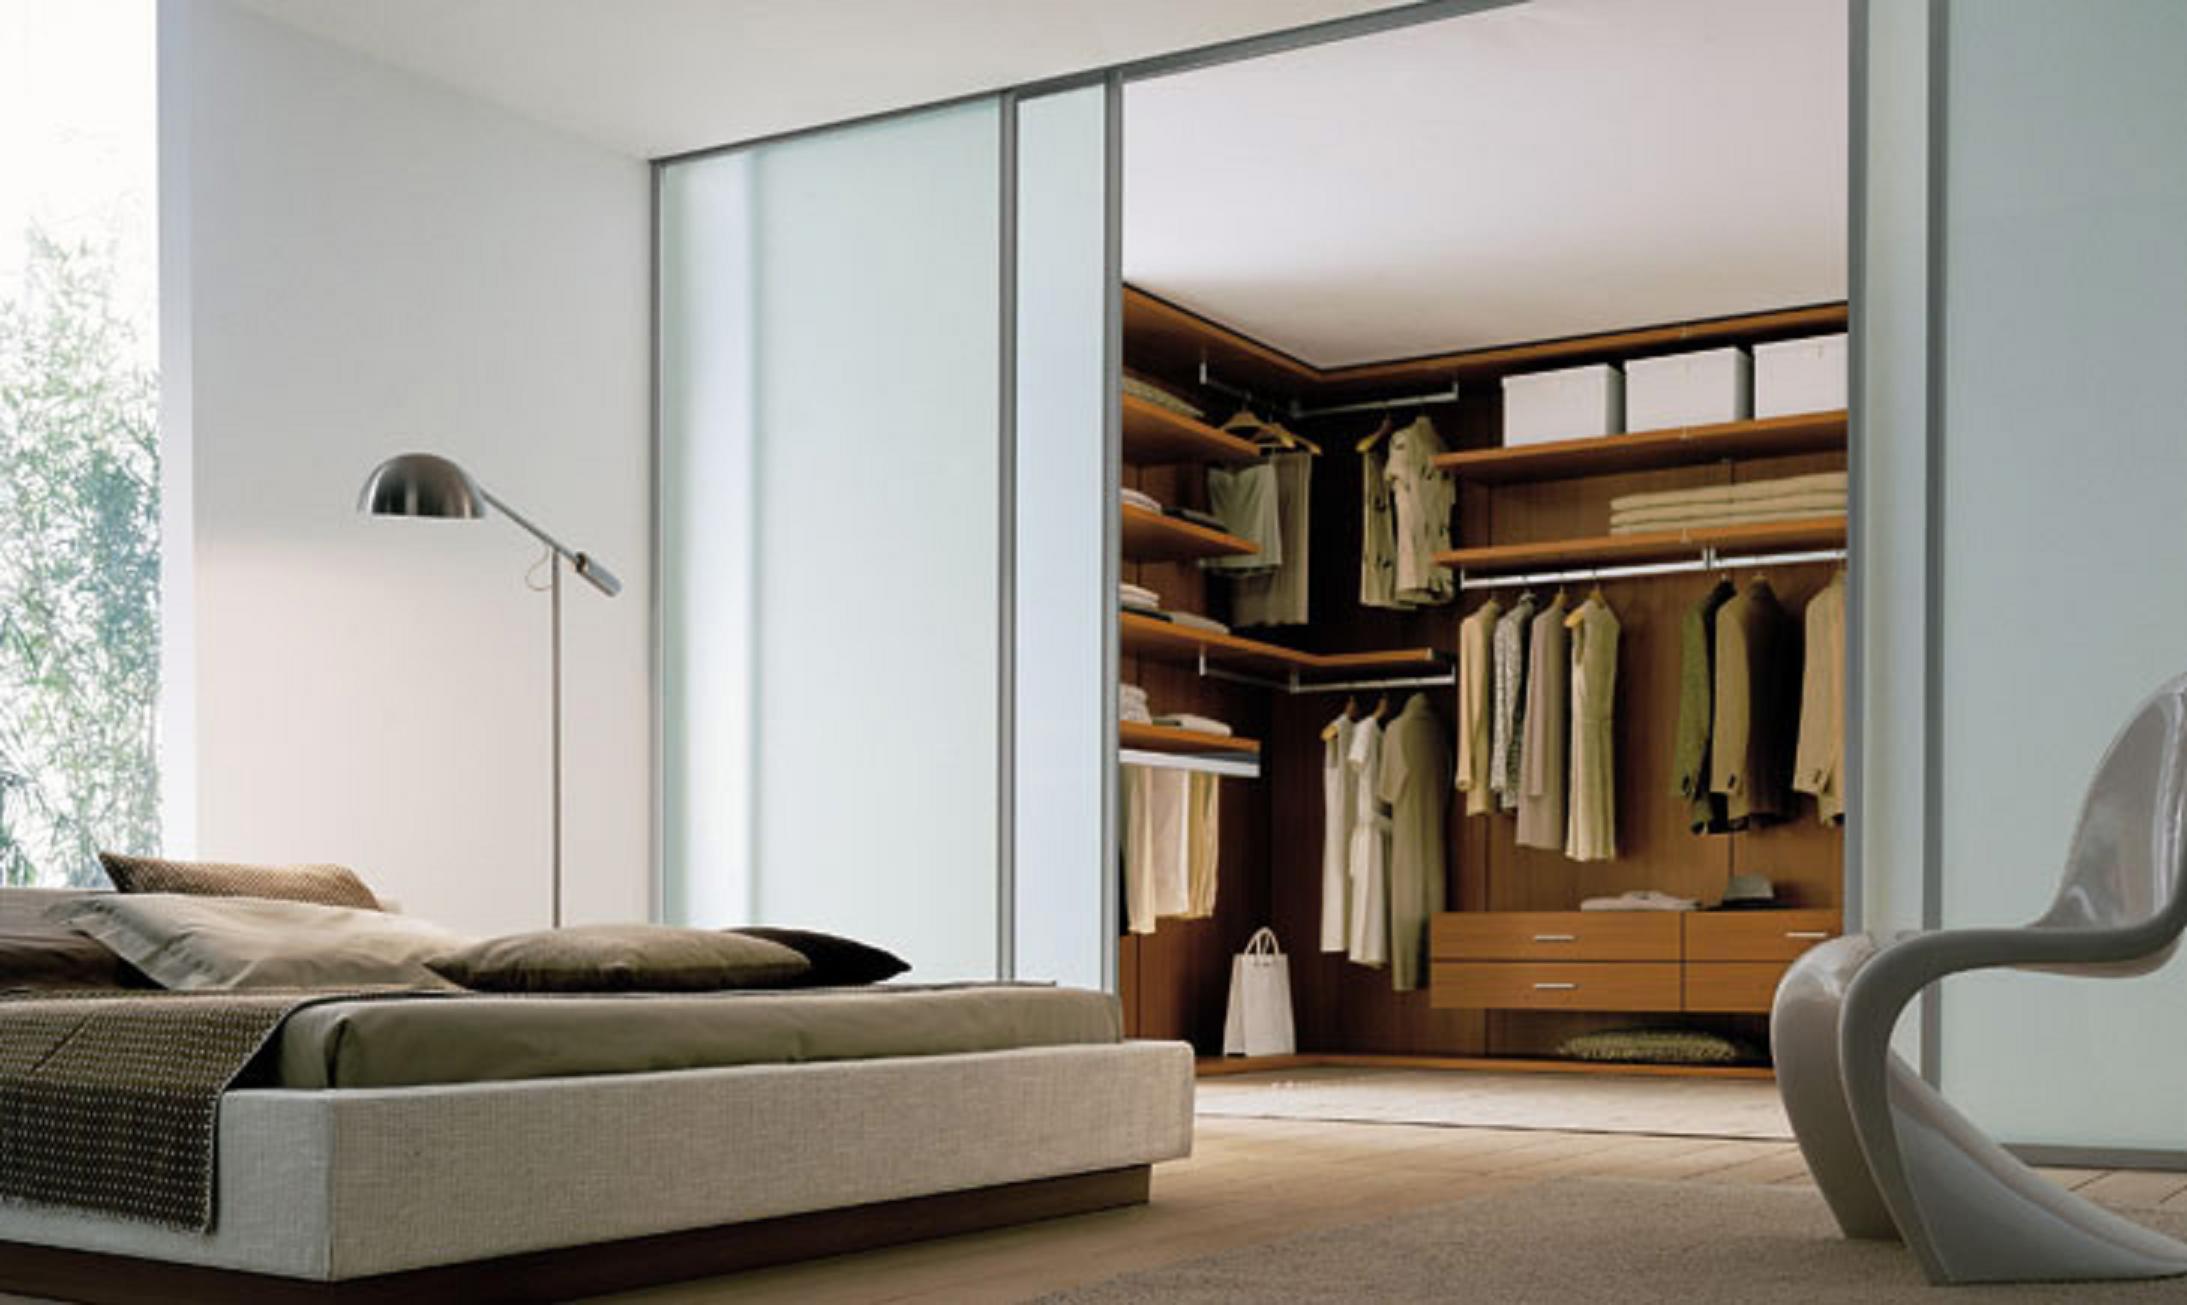 Обратите внимание на встроенные гардеробные